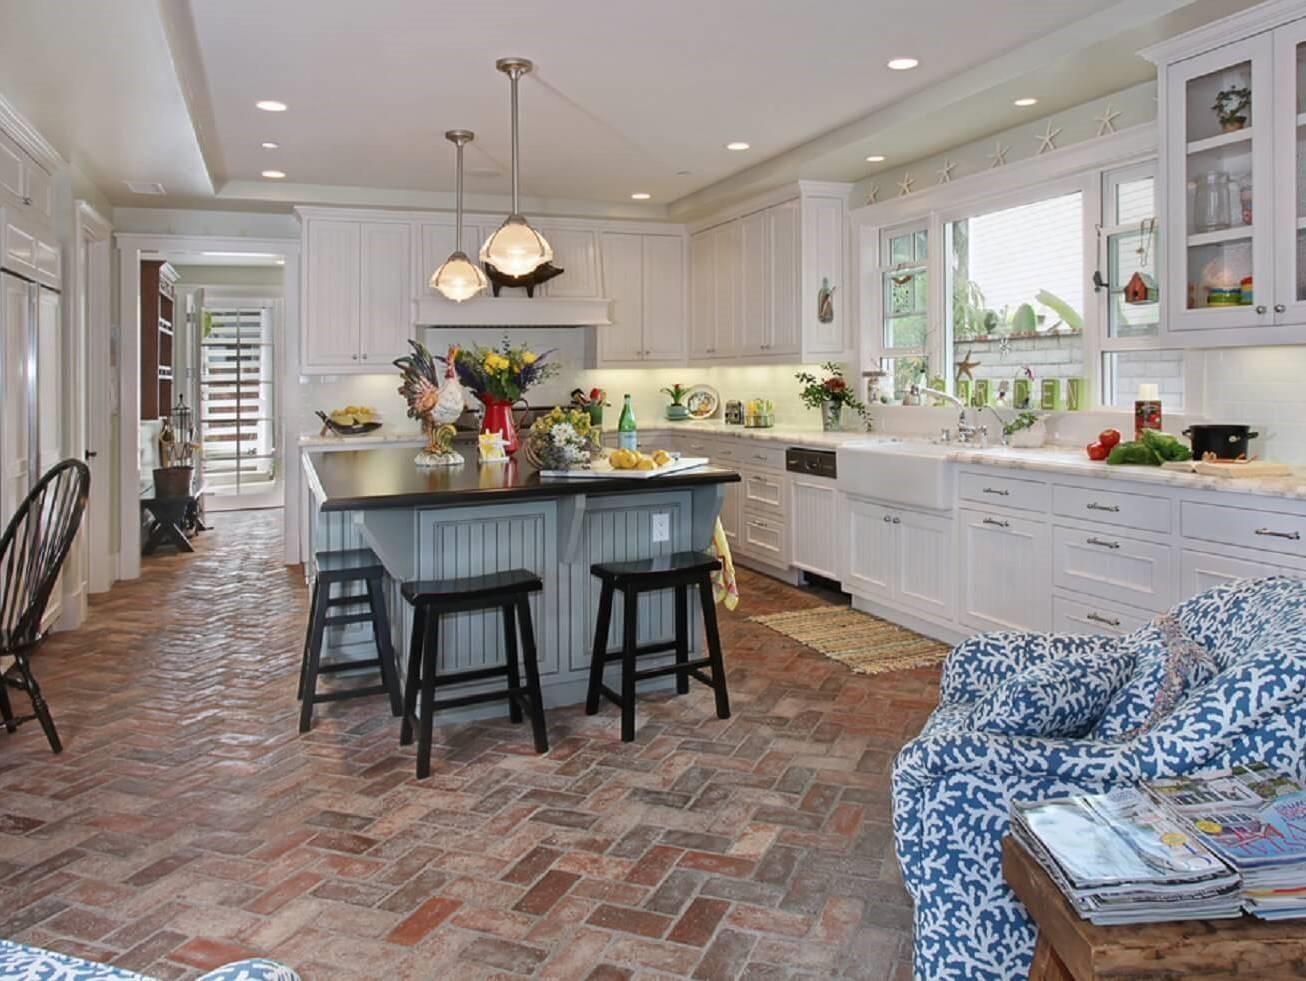 Интерьер кухни в средиземноморском стиле - воздушный дизайн в квартире